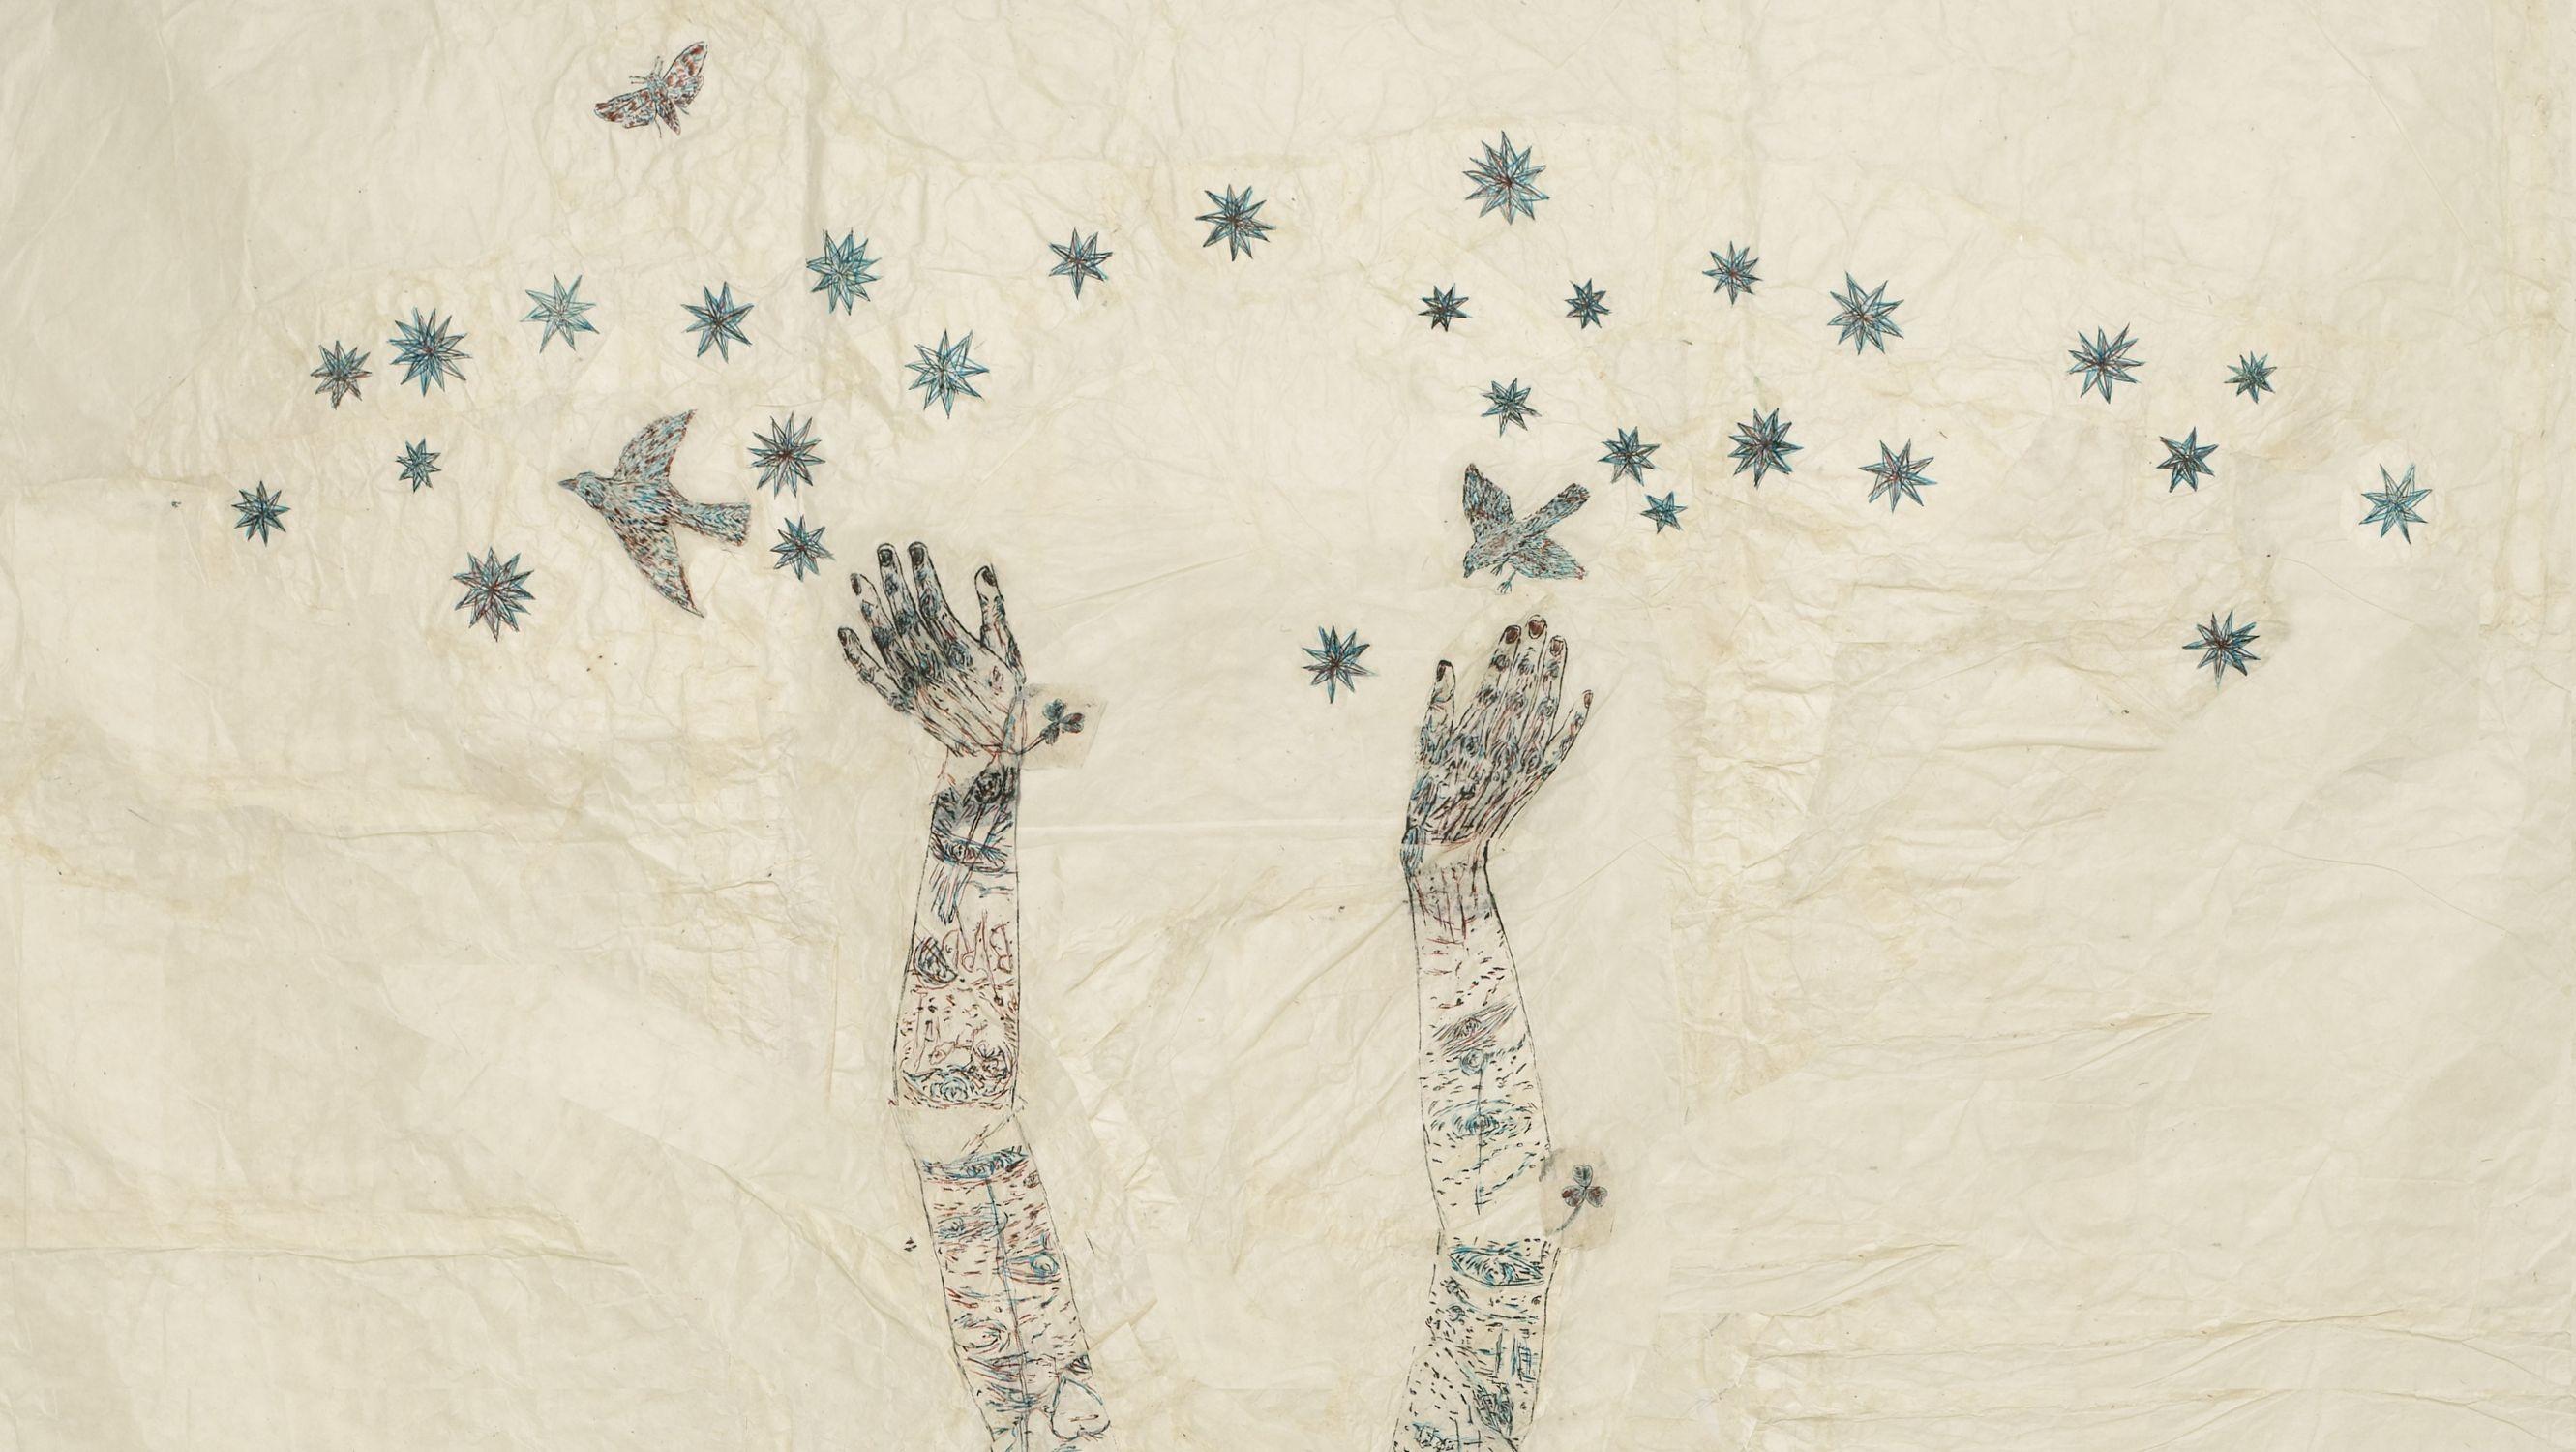 Starry, Starry Night by Kiki Smith